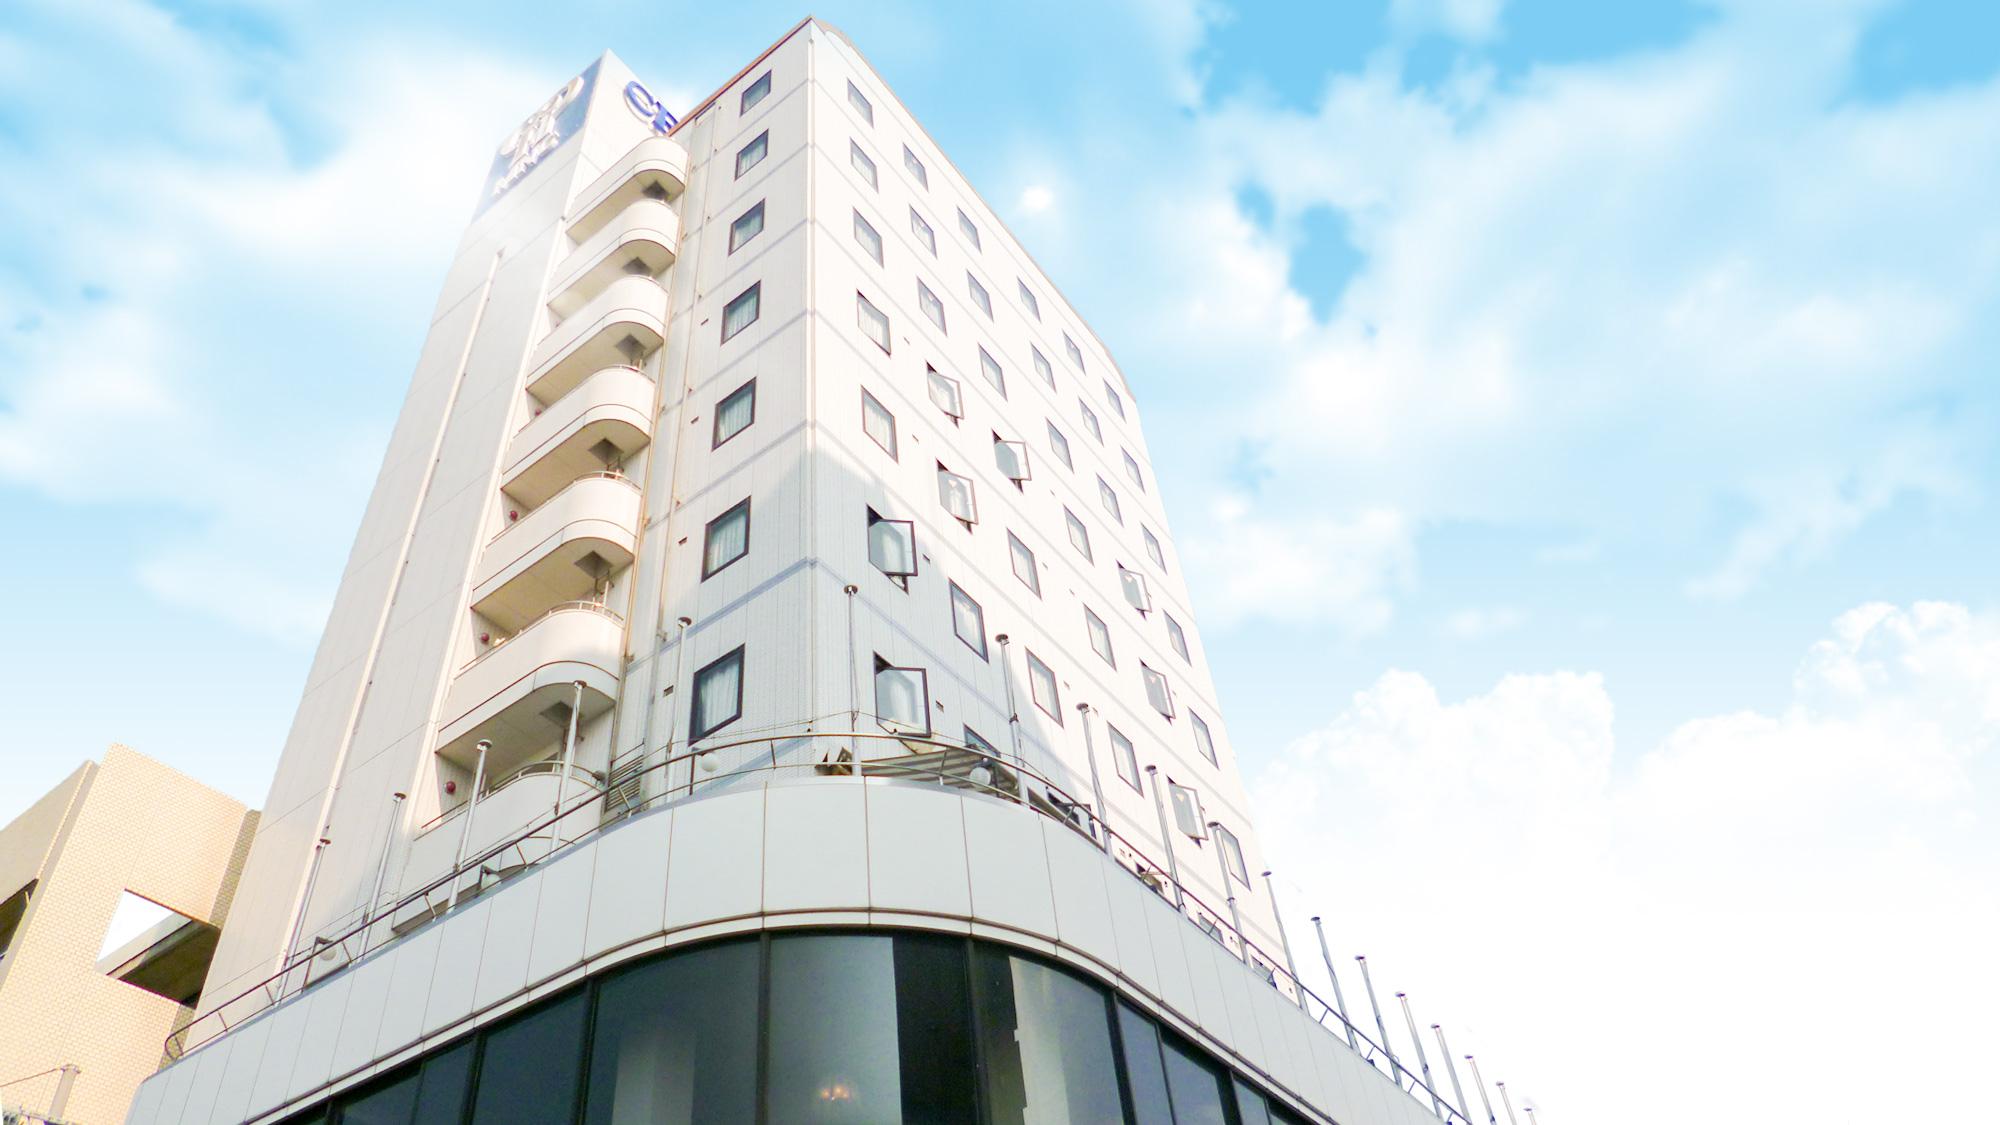 センターホテル三原 瀬戸内湾岸(BBHホテルグループ)の施設画像